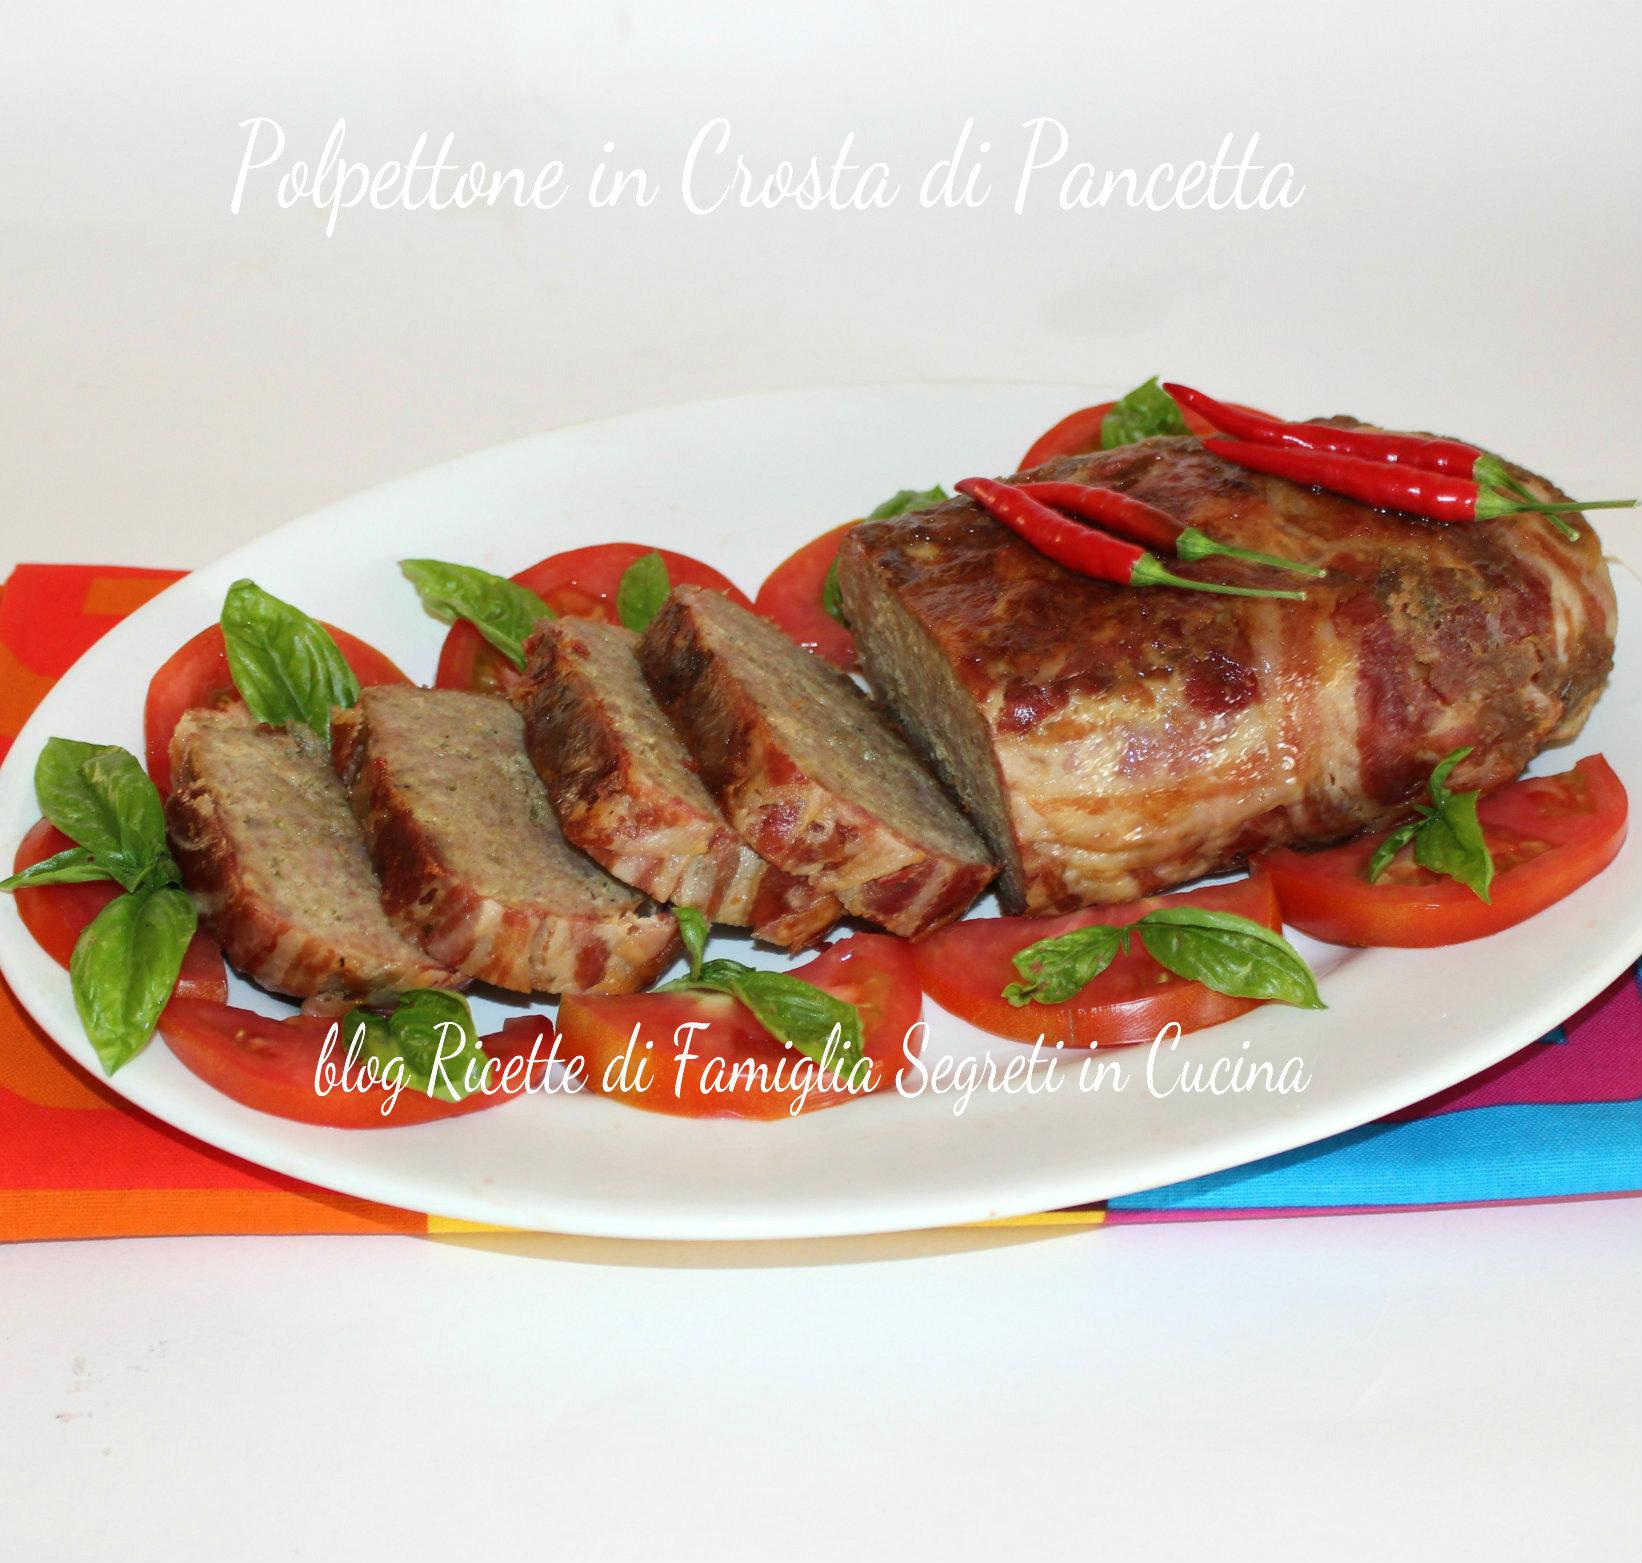 Polpettone In Crosta Di Pancetta: Ricetta Secondi – Ricetta Carni  #B23019 1642 1563 Polpettone Classico Cucina